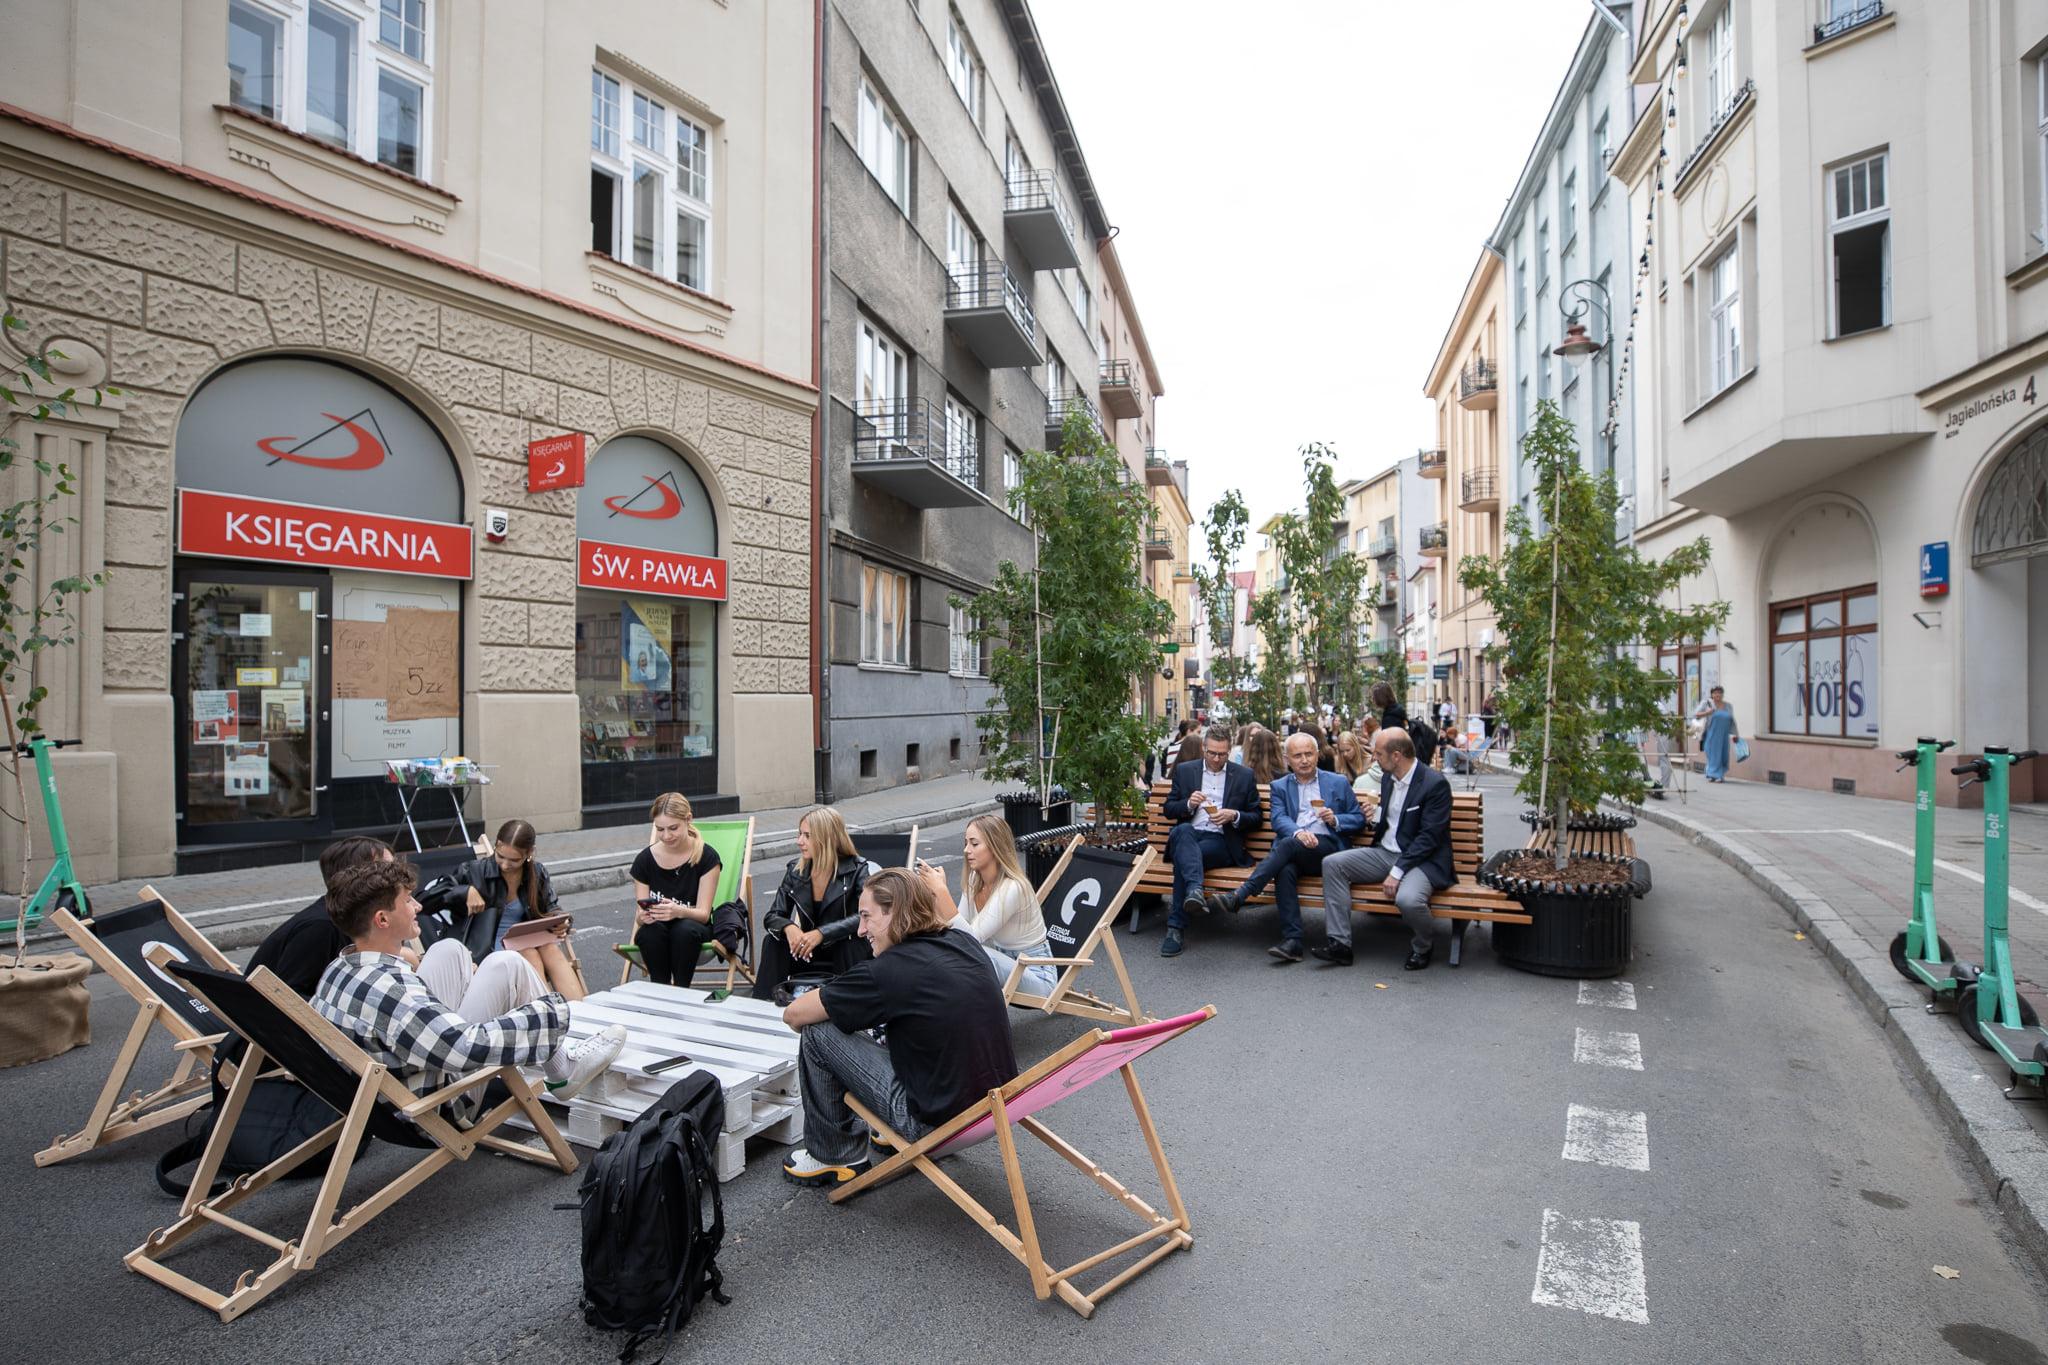 Deptak na Jagiellońskiej i nie tylko. Europejski Tydzień Zrównoważonego Transportu w Rzeszowie [ZDJĘCIA] - Zdjęcie główne